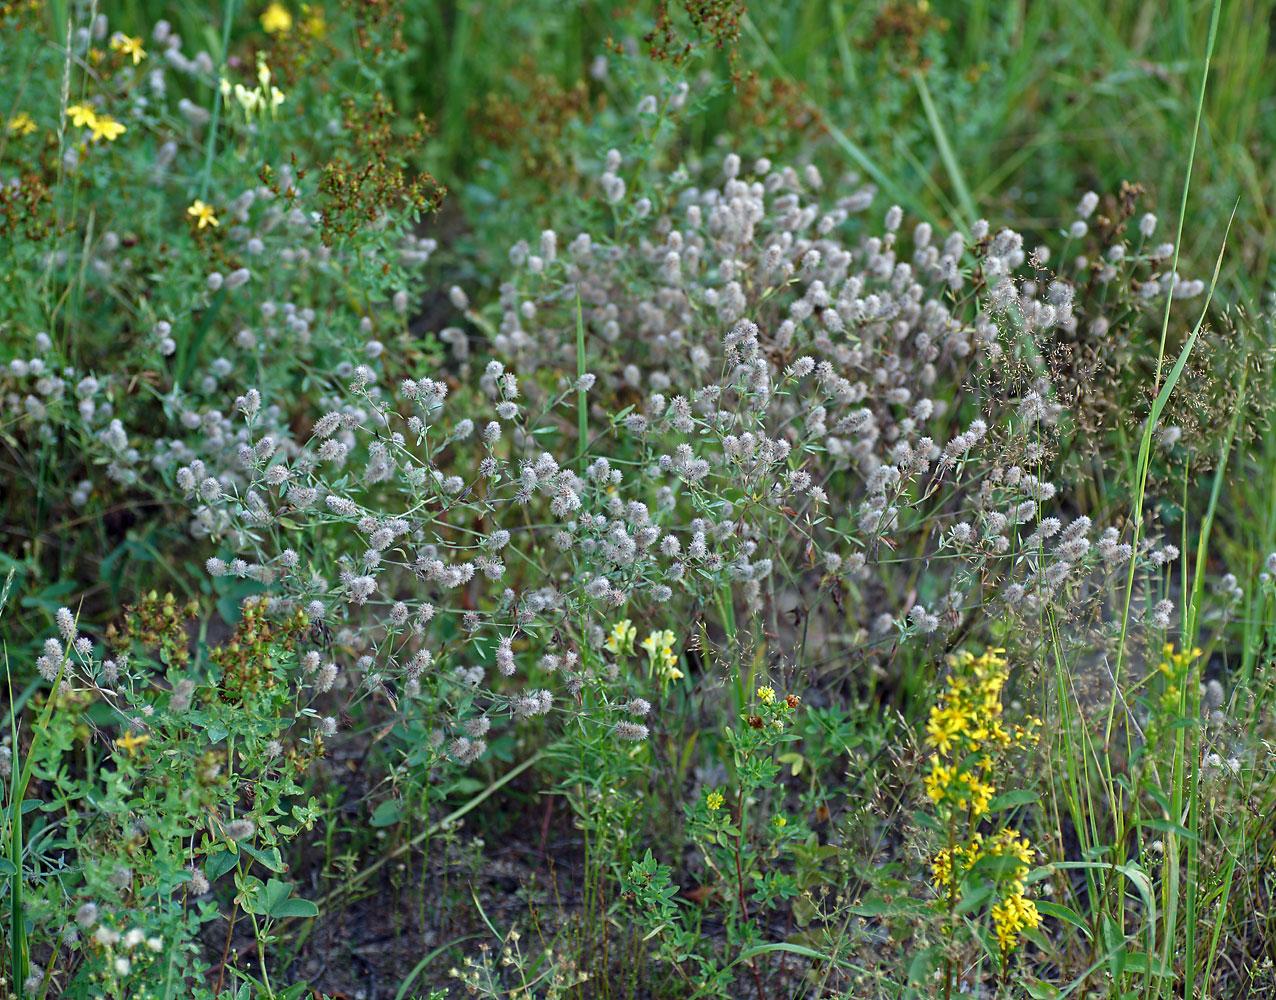 Клевер пашенный (Trifolium arvense) Автор фото: Виталий Гуменюк